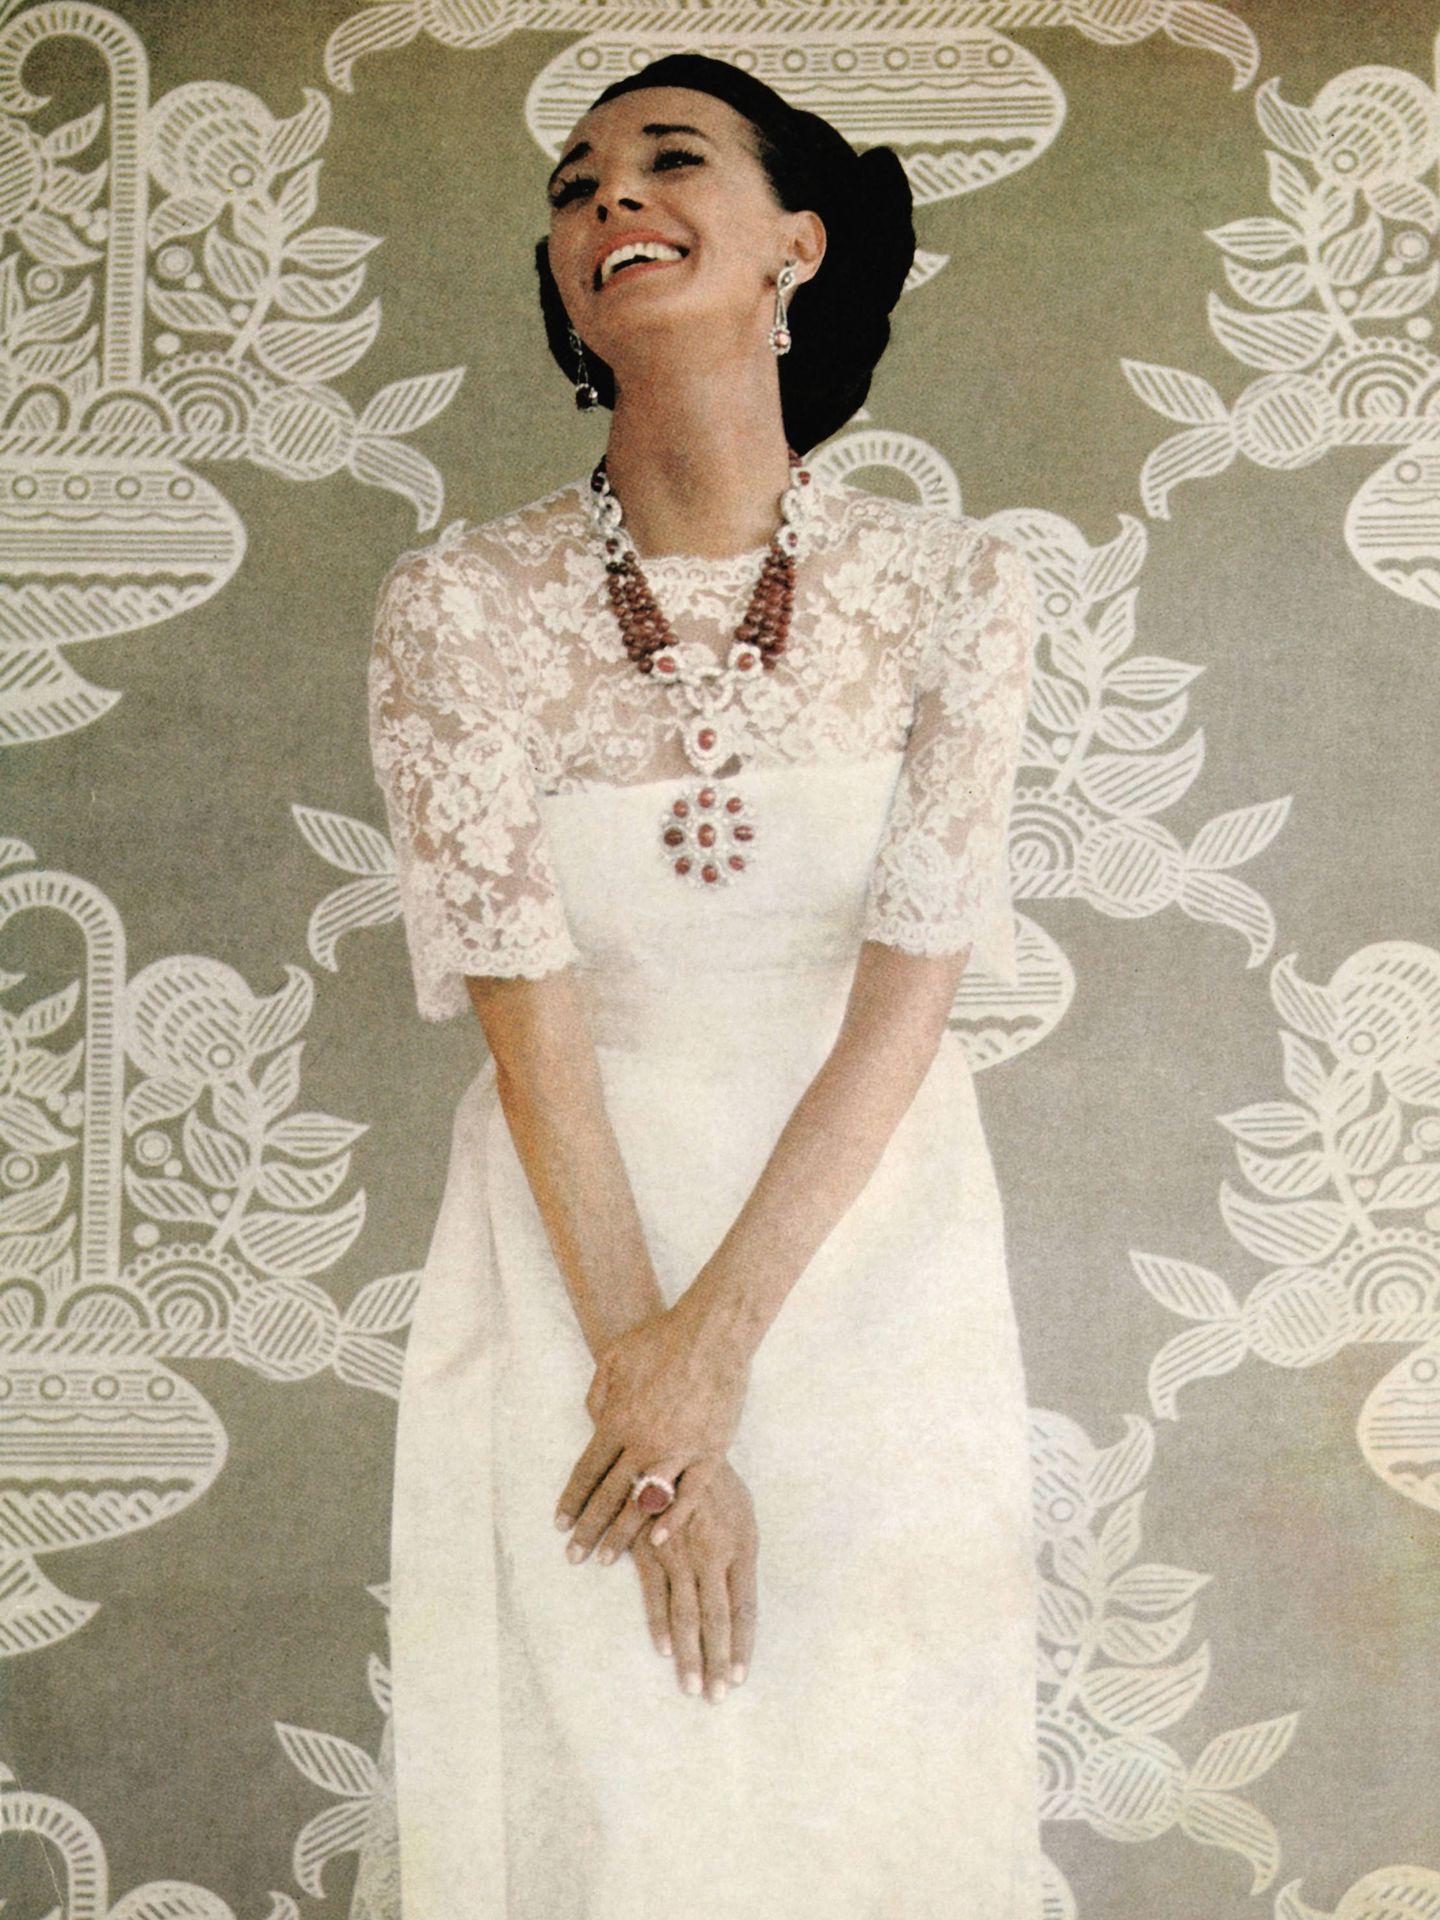 La condesa de Romanones posando con sus joyas en una imagen de los años 70.